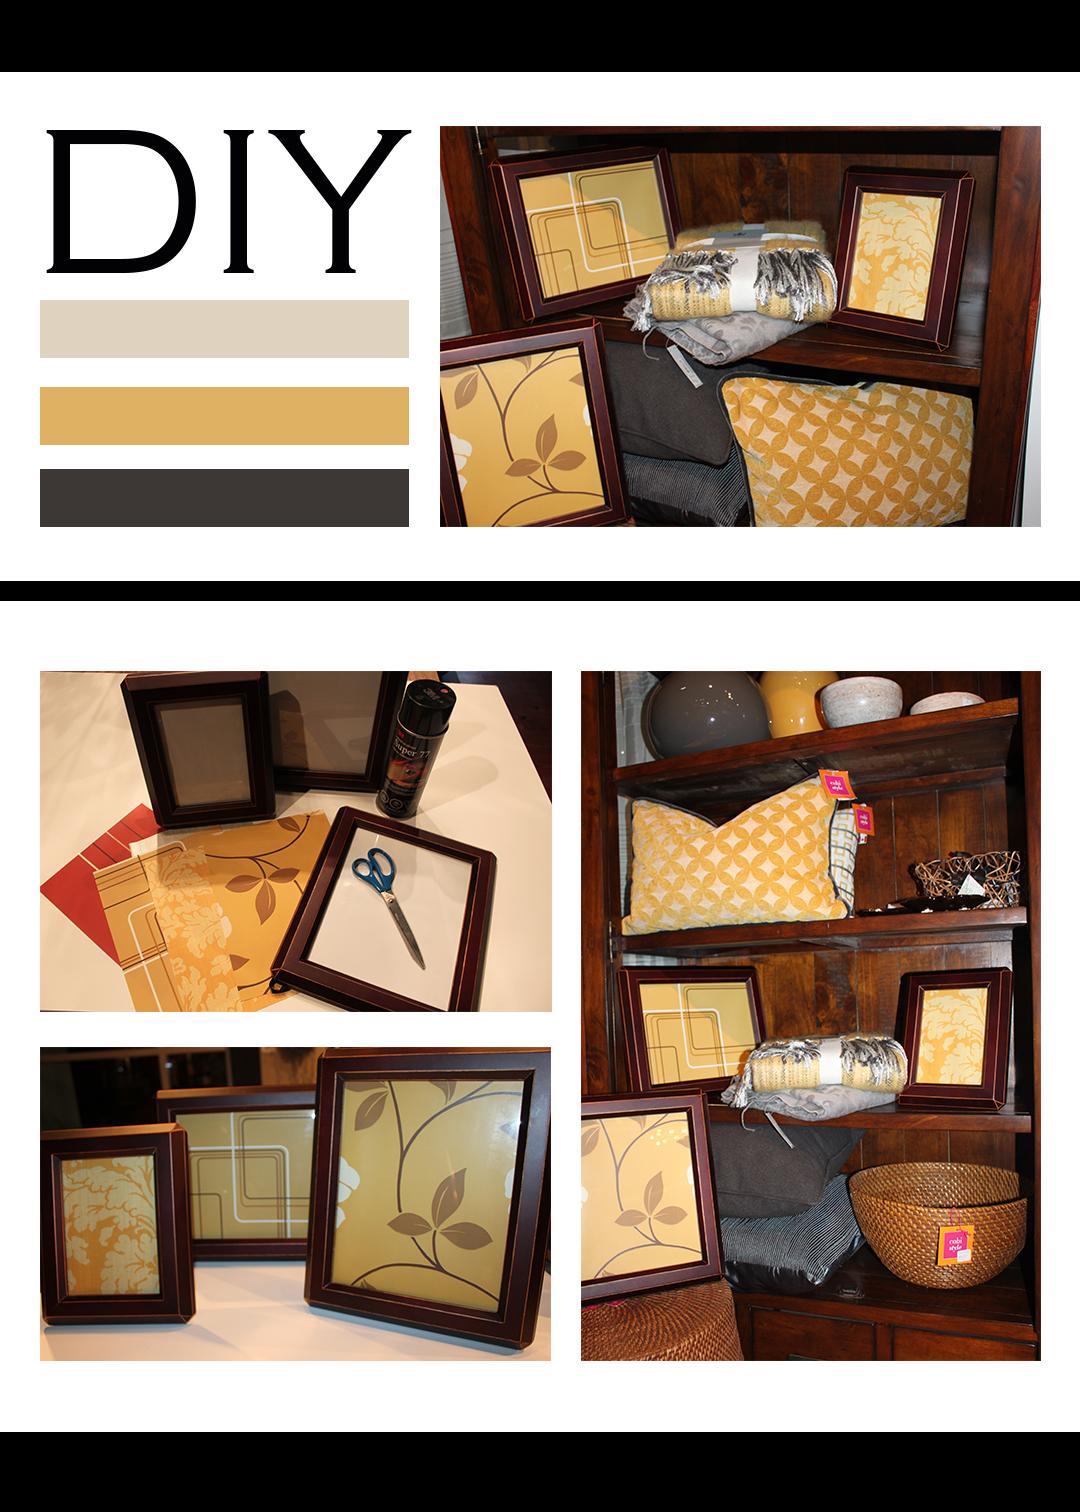 diy framed wallpaper mountain home decor